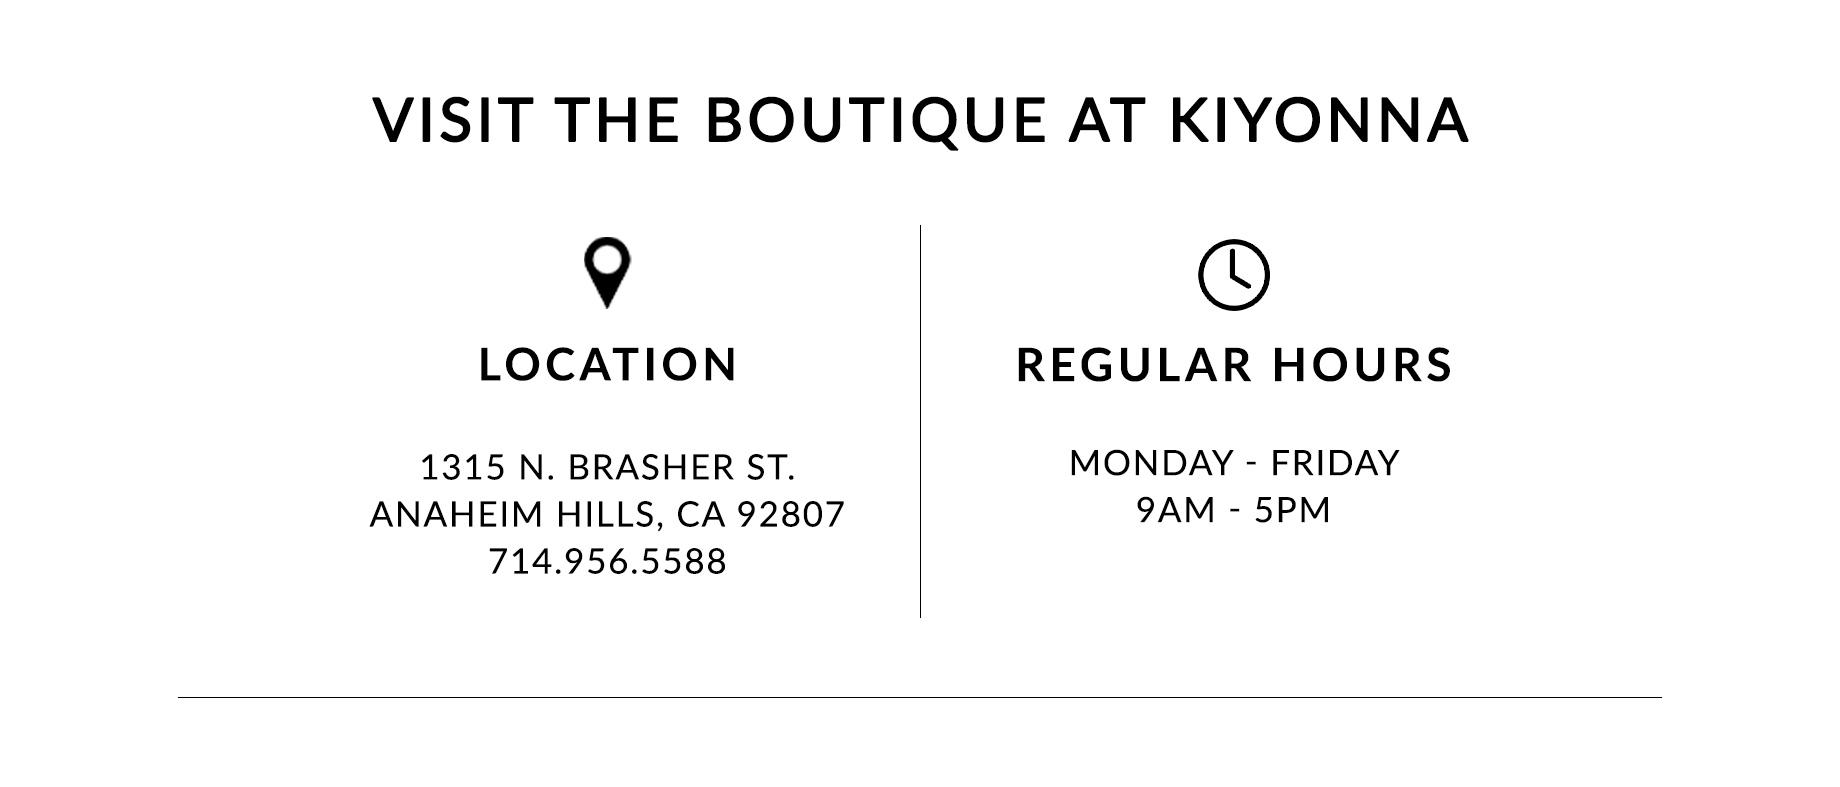 Visit the Boutique at Kiyonna